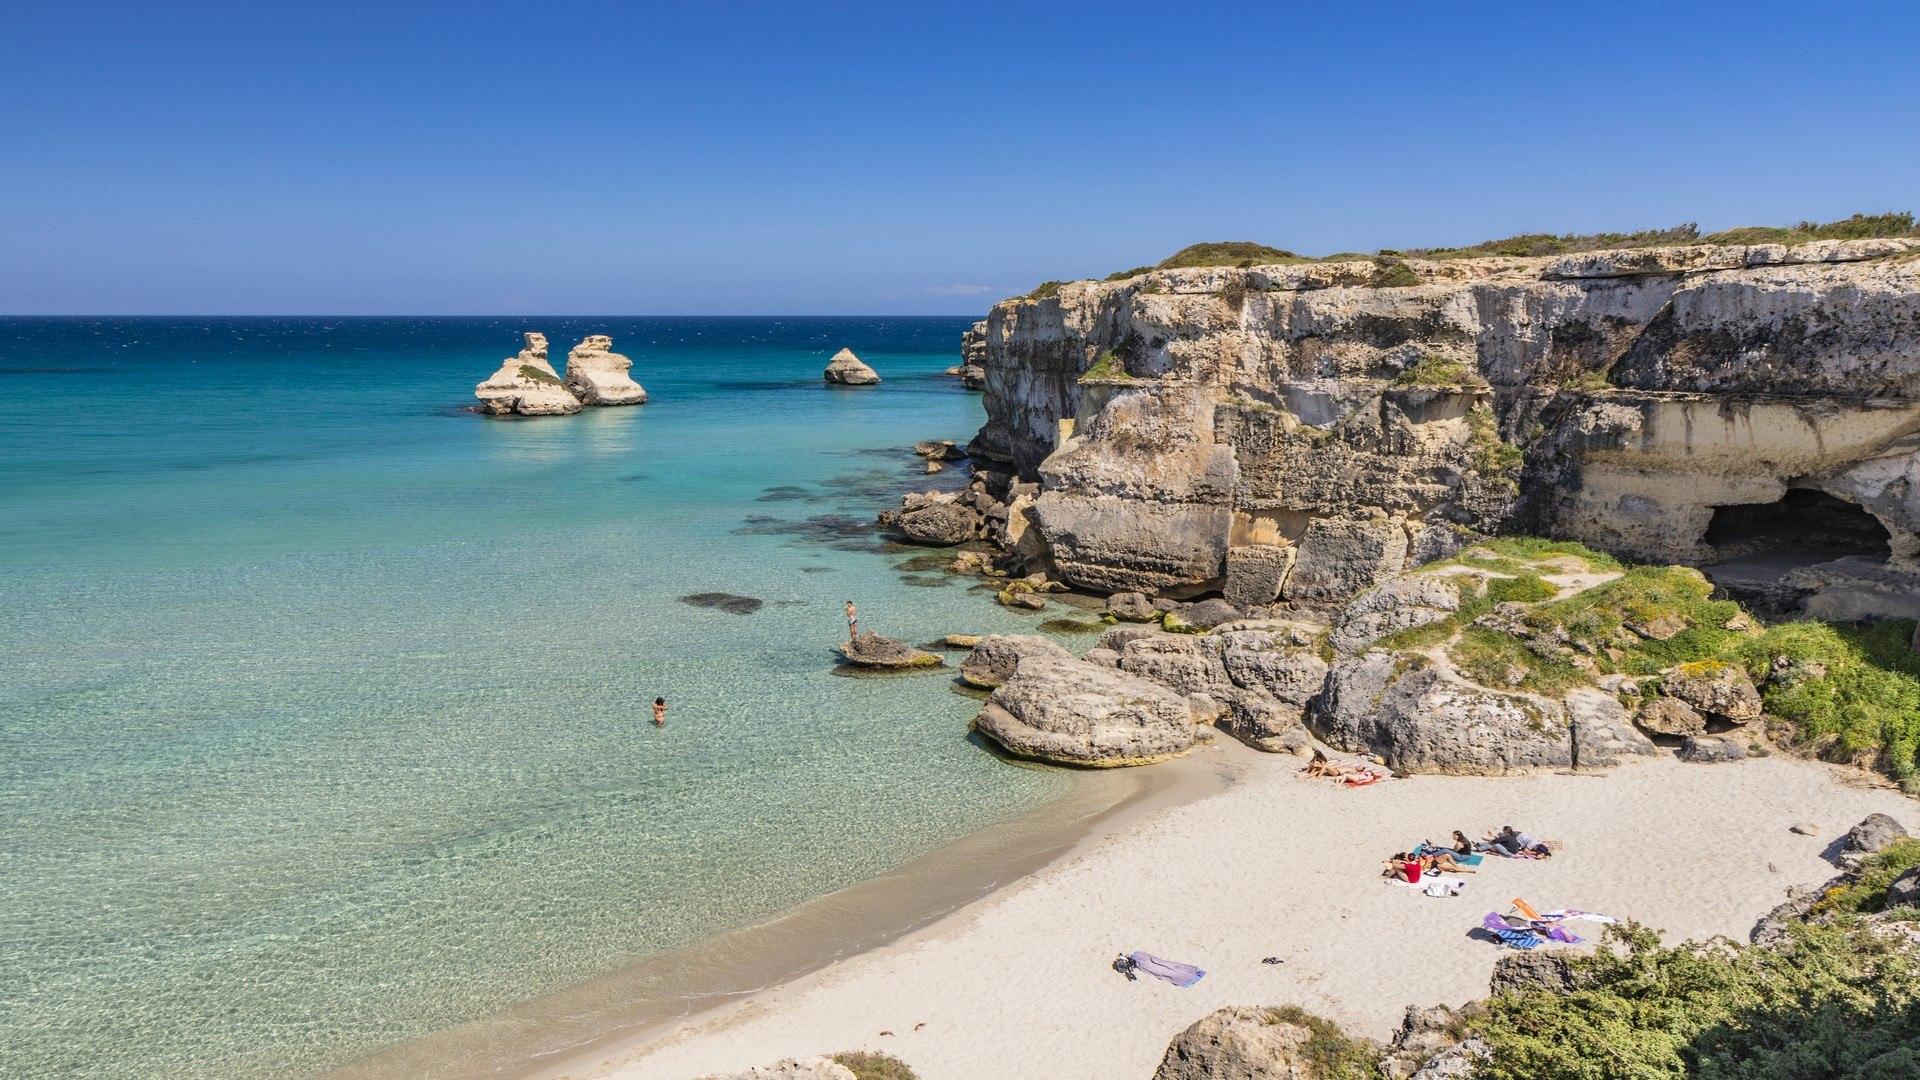 Le spiagge più belle del Salento